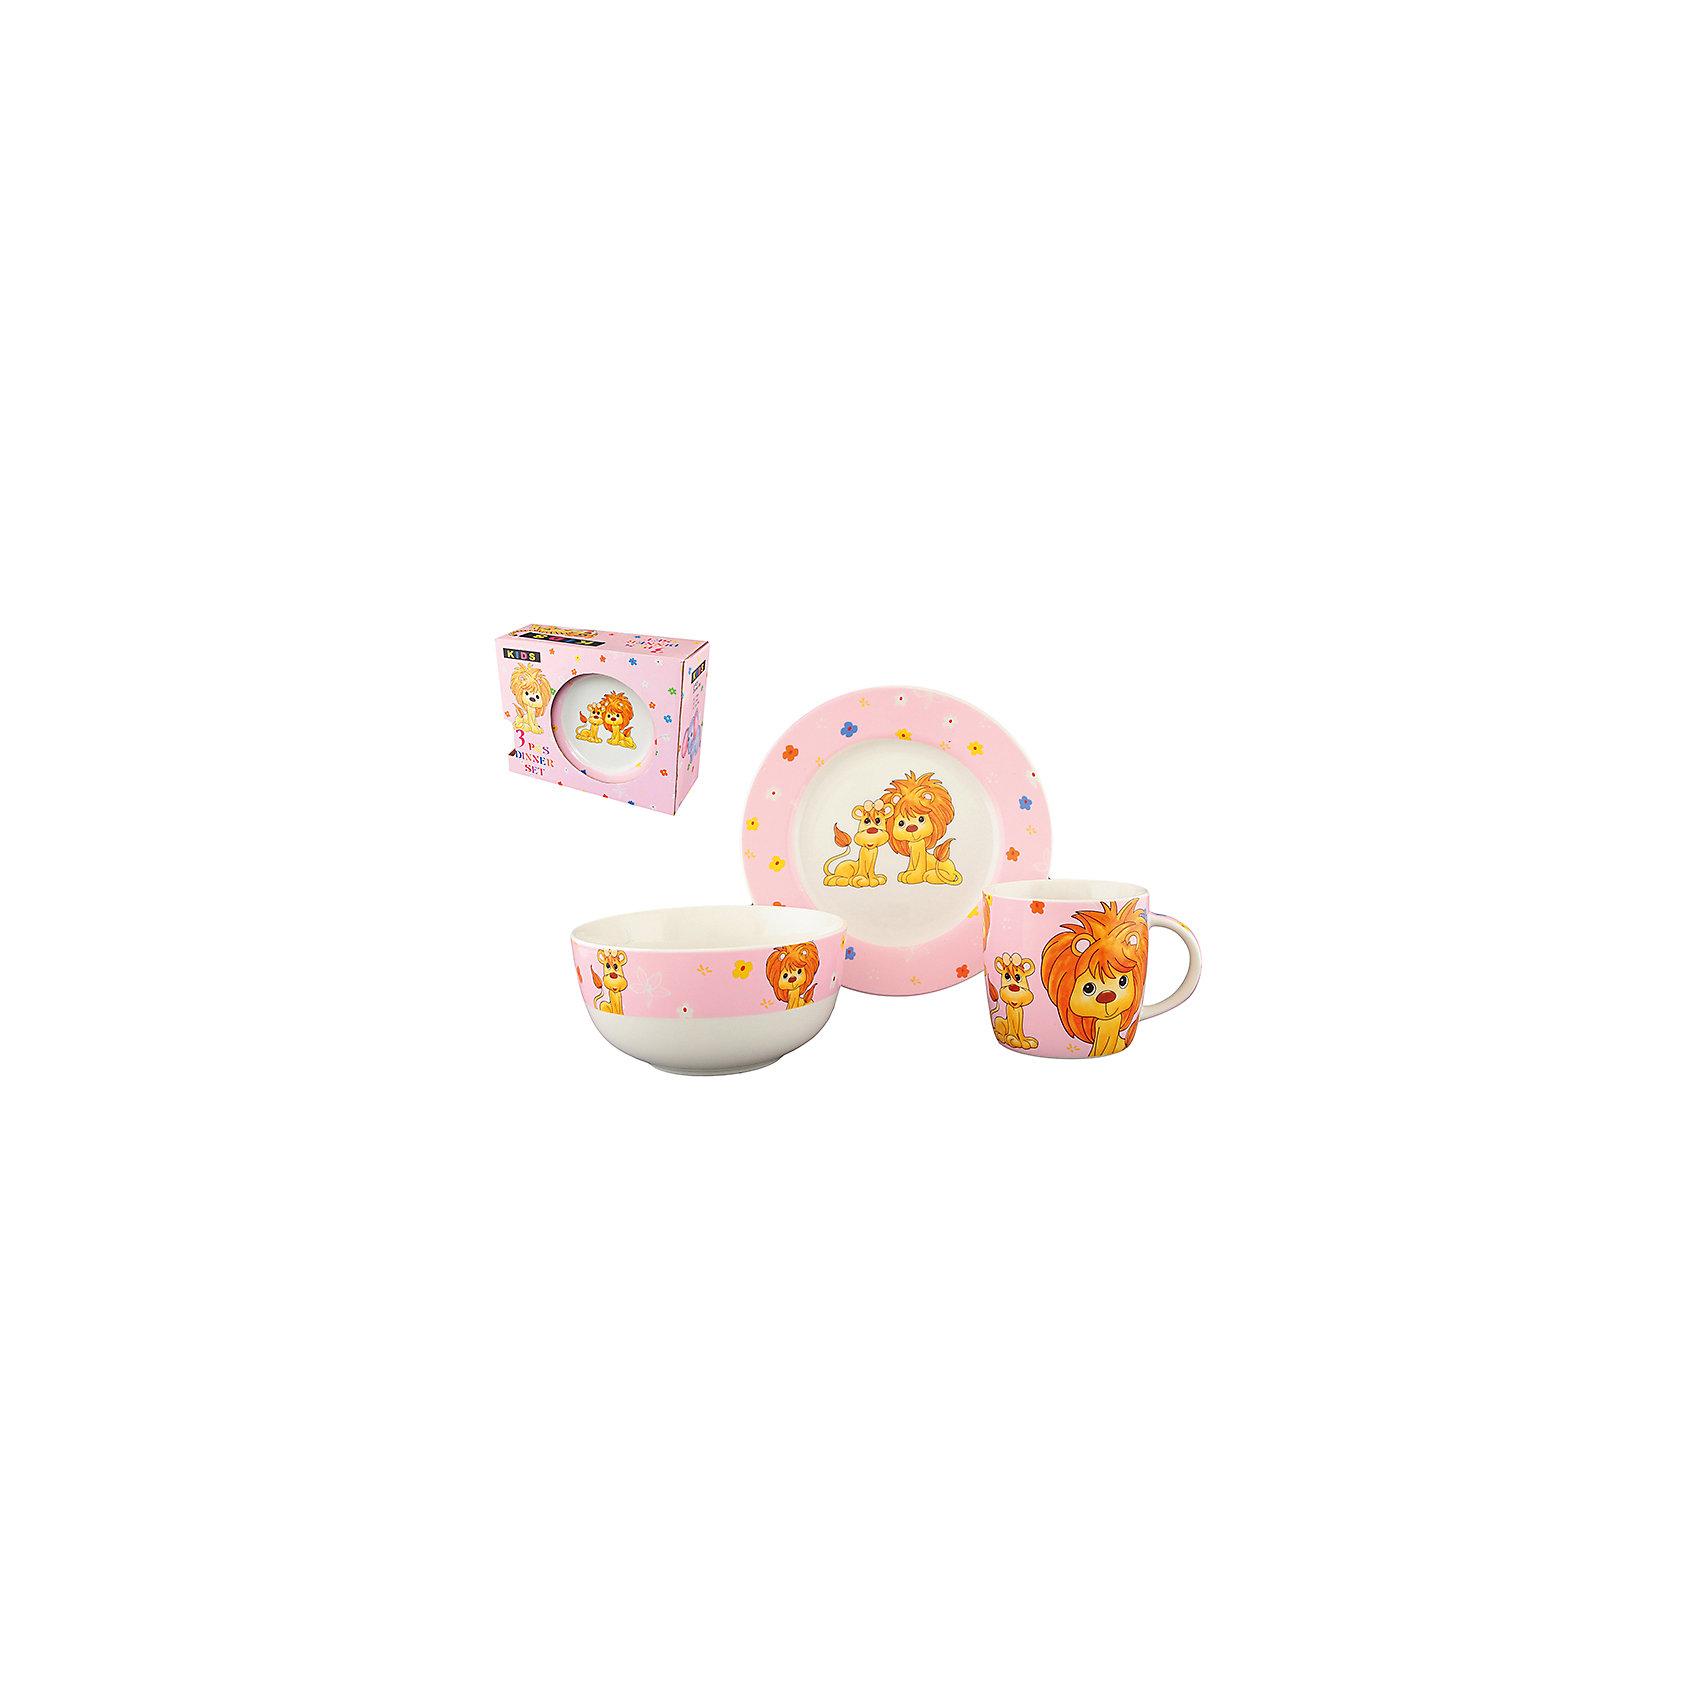 Набор детский 3 пр.Львята на розовом, Elan GalleryПосуда<br>Набор детский 3 пр.  Elan Gallery Львята на розовом, Elan Gallery Детский набор посуды  включает в себя 1 кружку 250 мл,1 миску 500 мл, и 1 десертную тарелку. Понравится маленьким принцессам! Изделие имеет подарочную упаковку, поэтому станет желанным подарком для детей и их родителей!<br><br>Ширина мм: 230<br>Глубина мм: 97<br>Высота мм: 178<br>Вес г: 963<br>Возраст от месяцев: 0<br>Возраст до месяцев: 1188<br>Пол: Унисекс<br>Возраст: Детский<br>SKU: 6668899